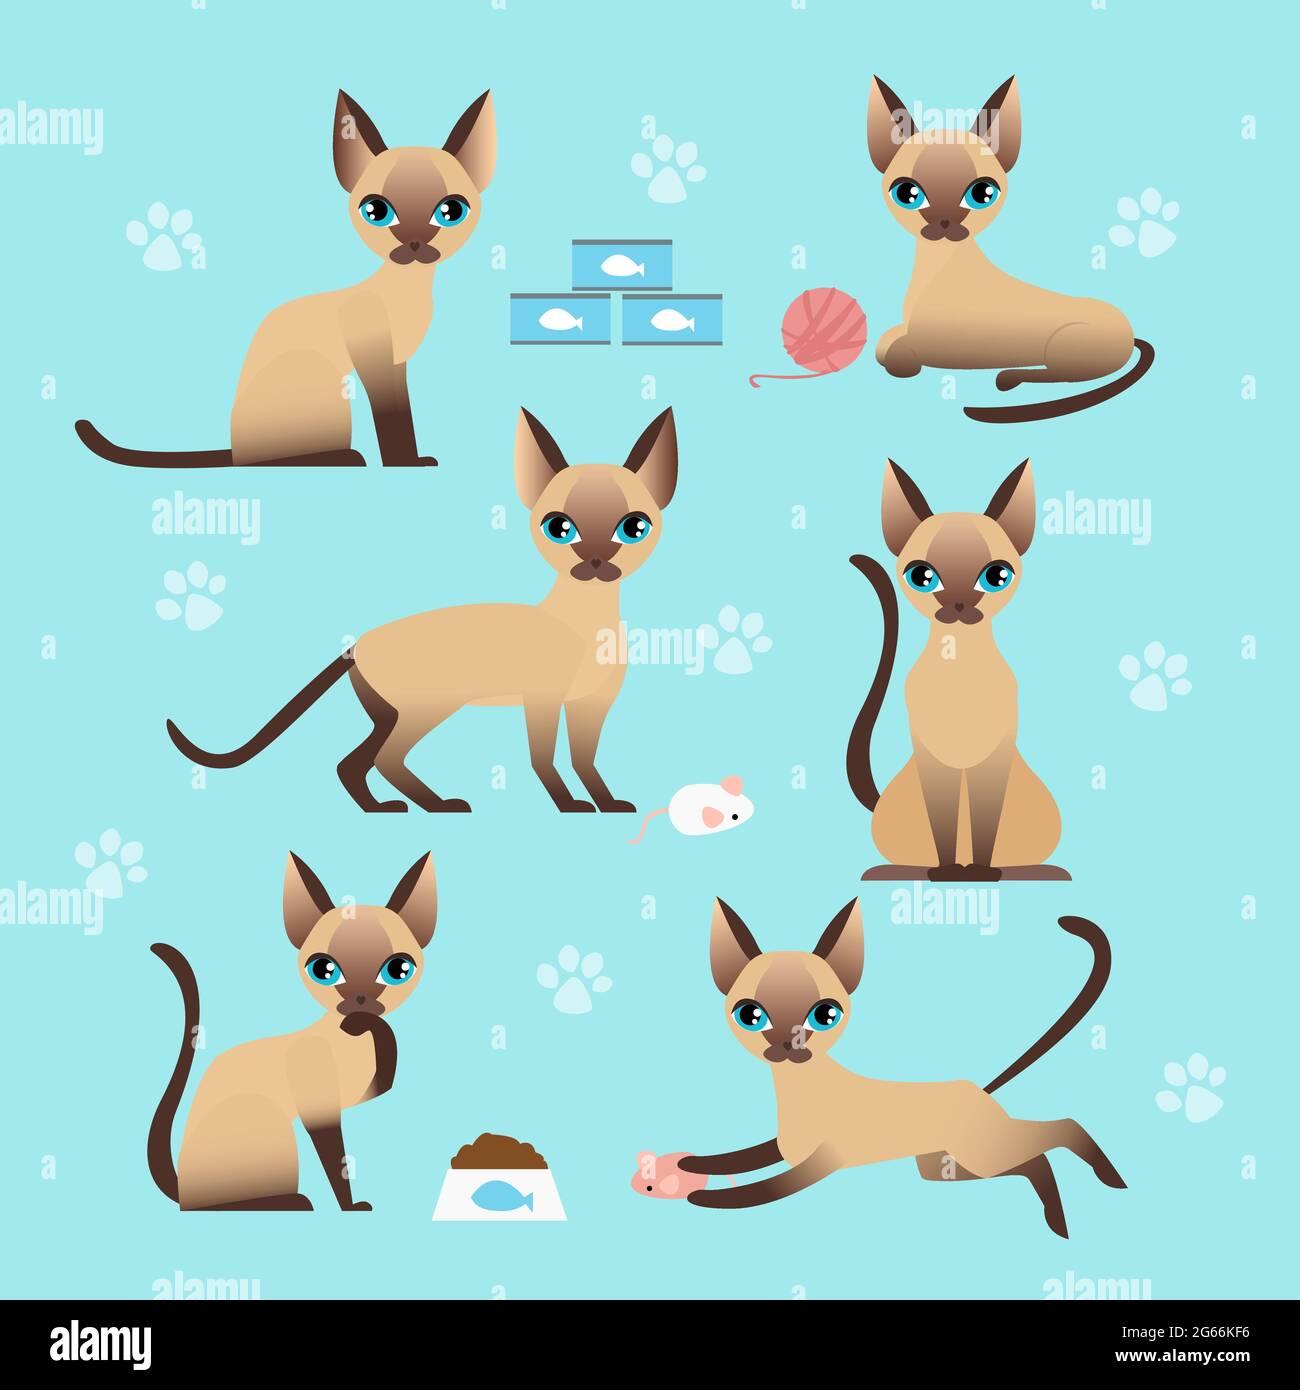 Ensemble d'illustrations vectorielles de chat mignon dans différentes poses. Manger, dormir, s'asseoir et jouer chaton dans un style de dessin animé plat. Illustration de Vecteur